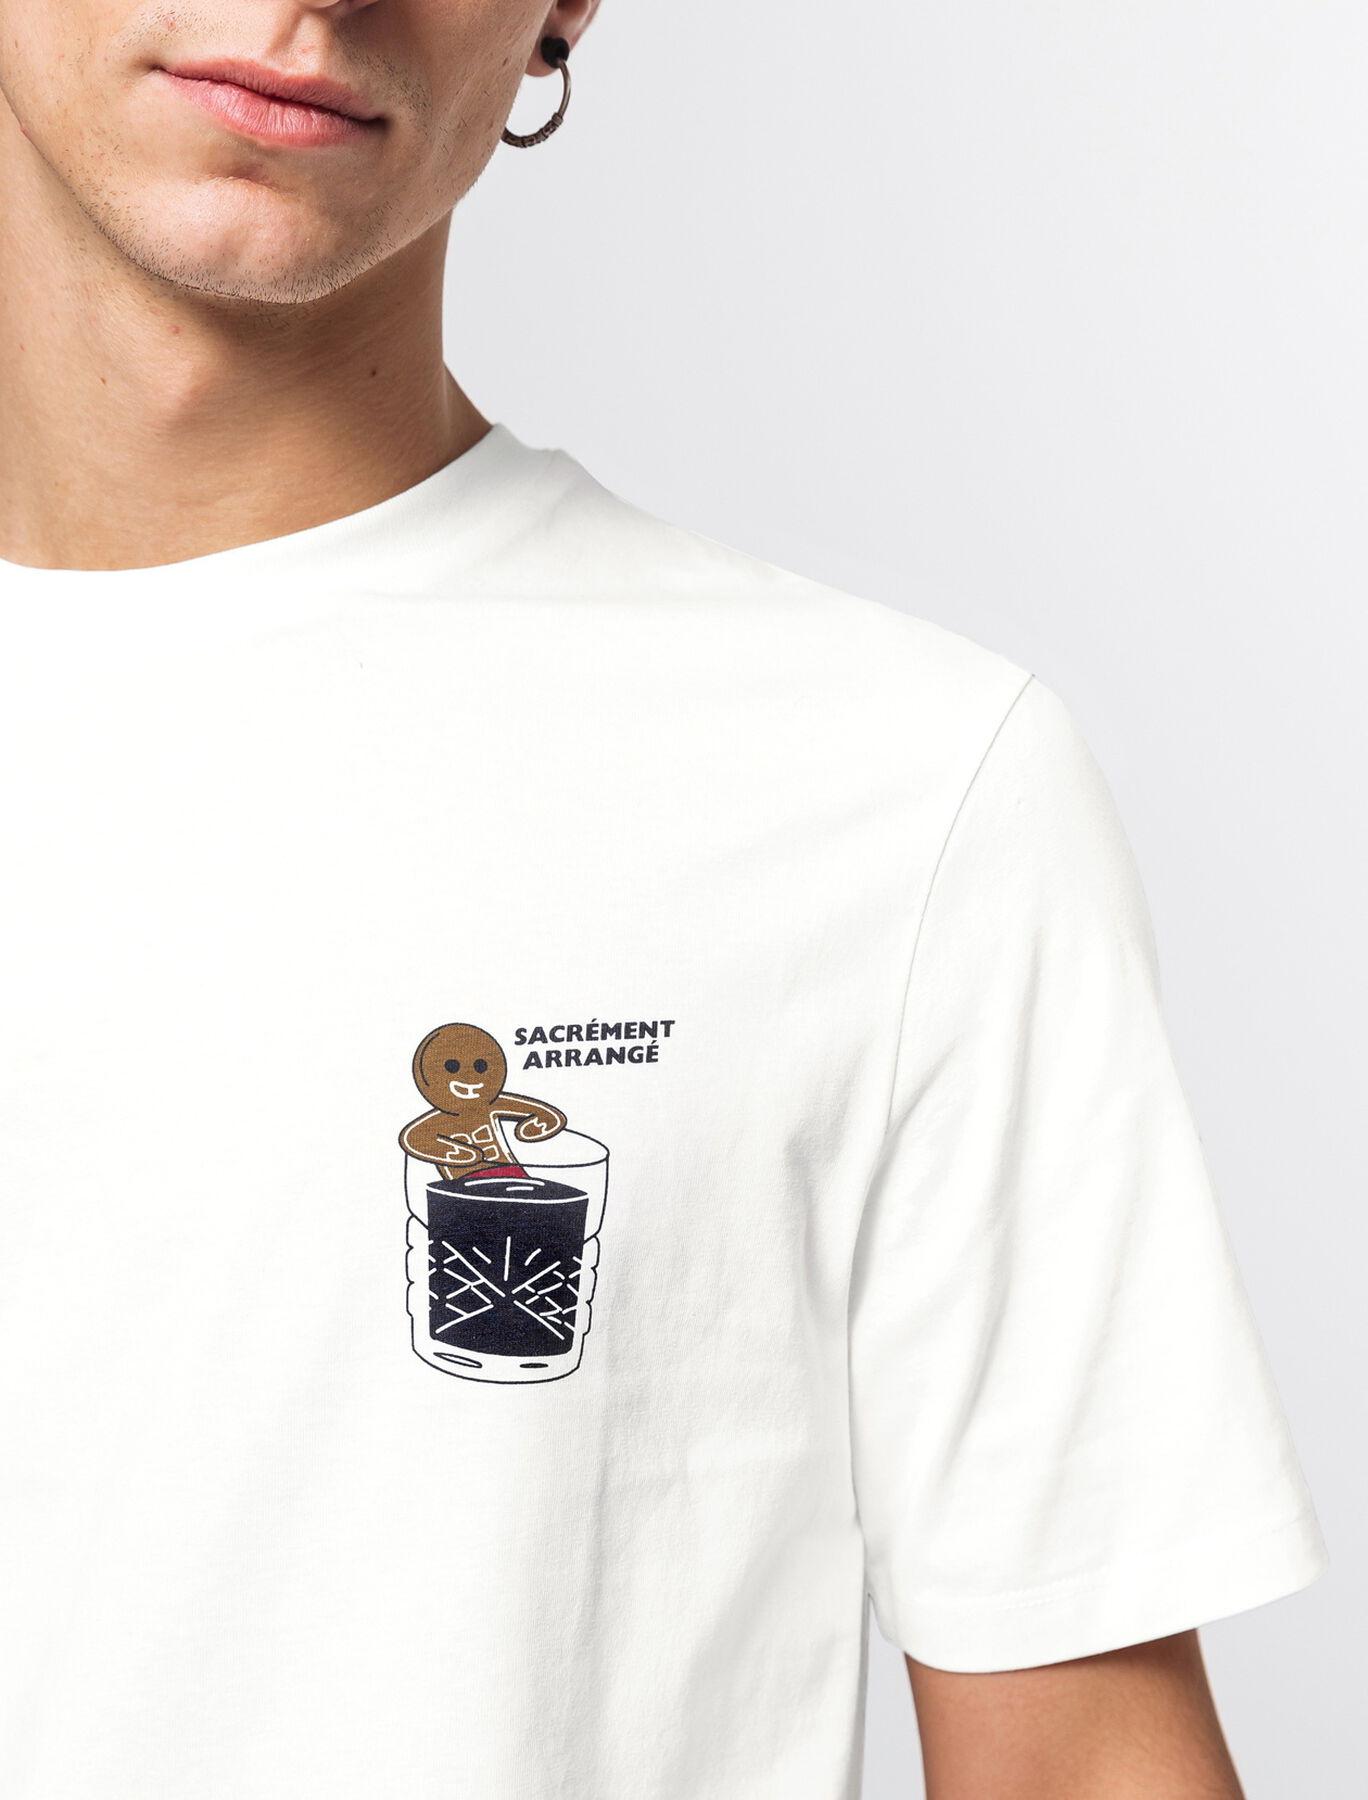 T-shirt humour printé